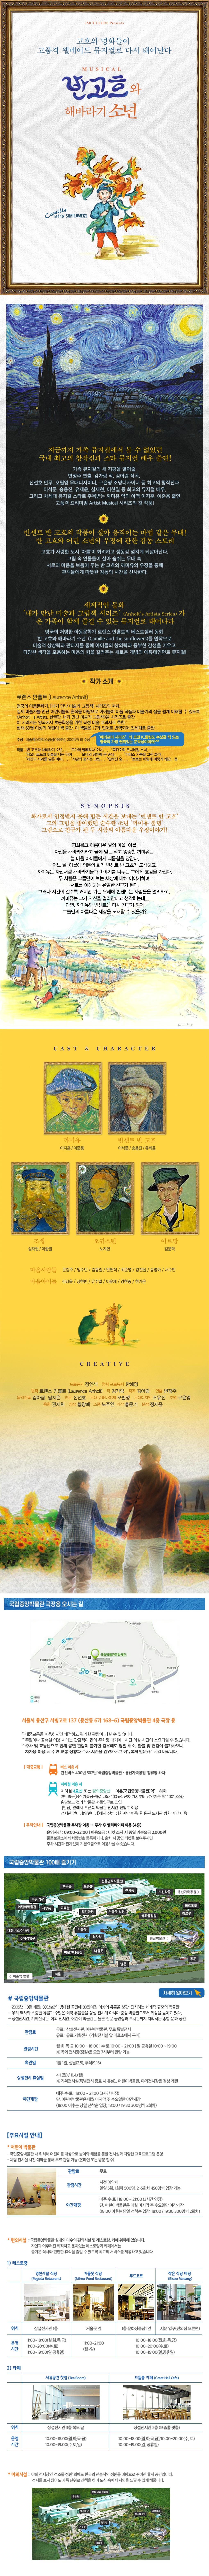 [4월 3주] 반 고흐와 해바라기 소년 상세이미지